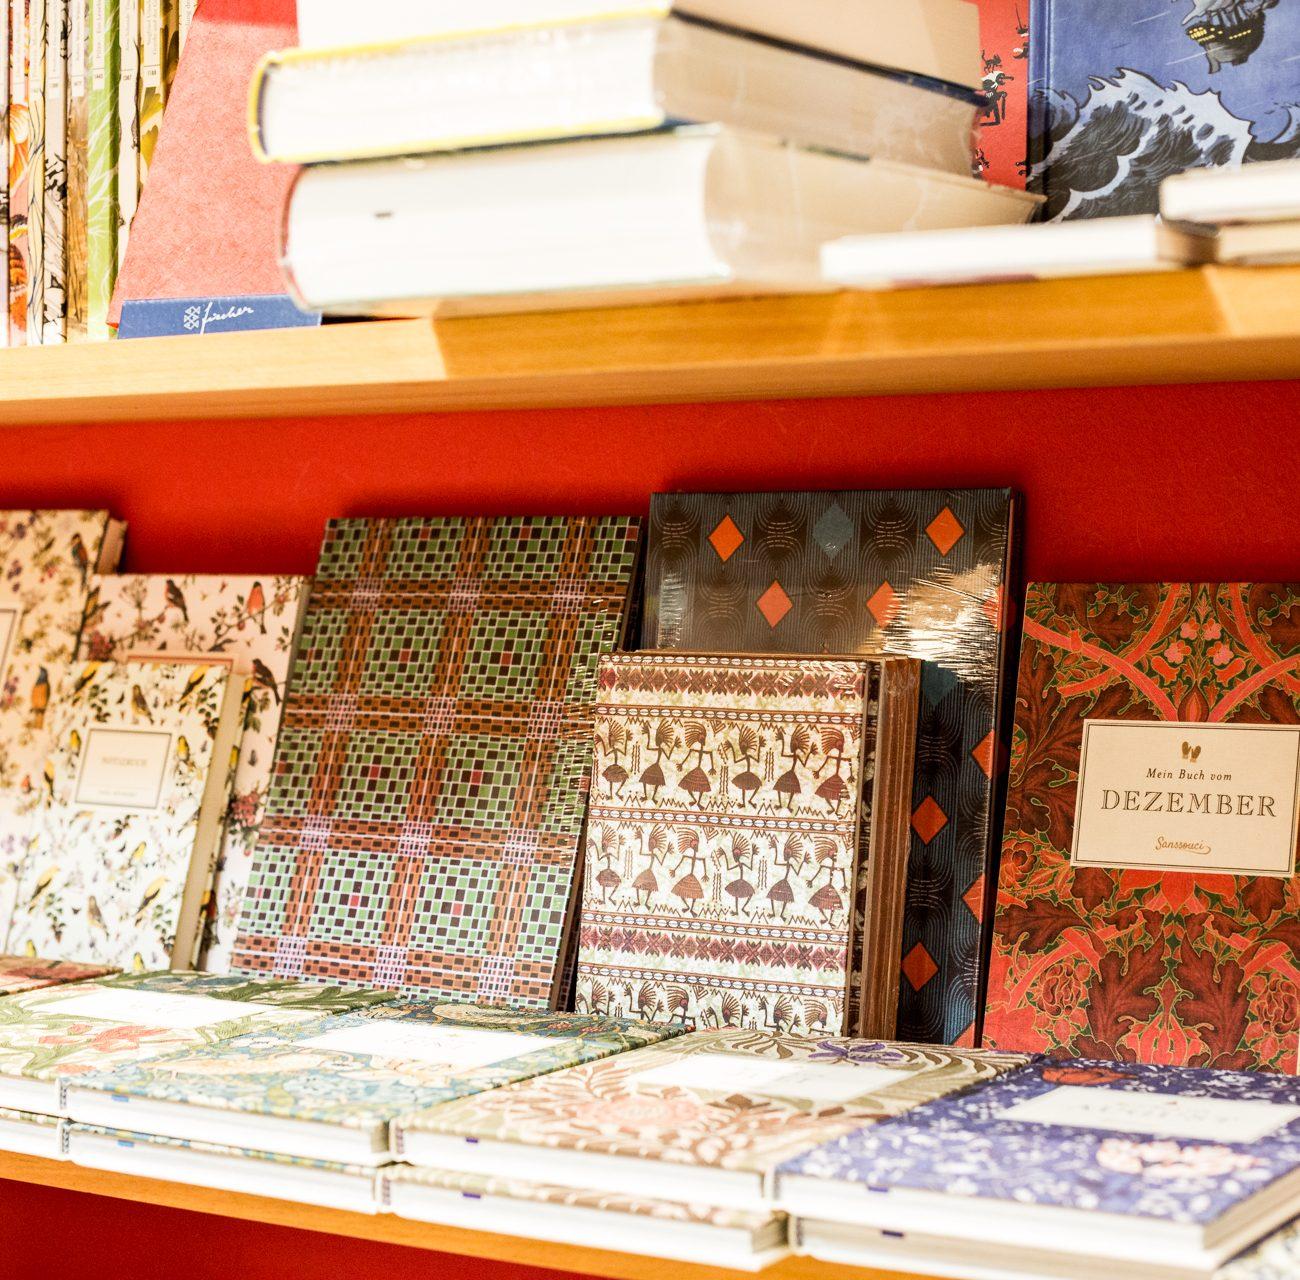 Notizbücher | Parkbuchhandlung | Bücherregal | Papeterie